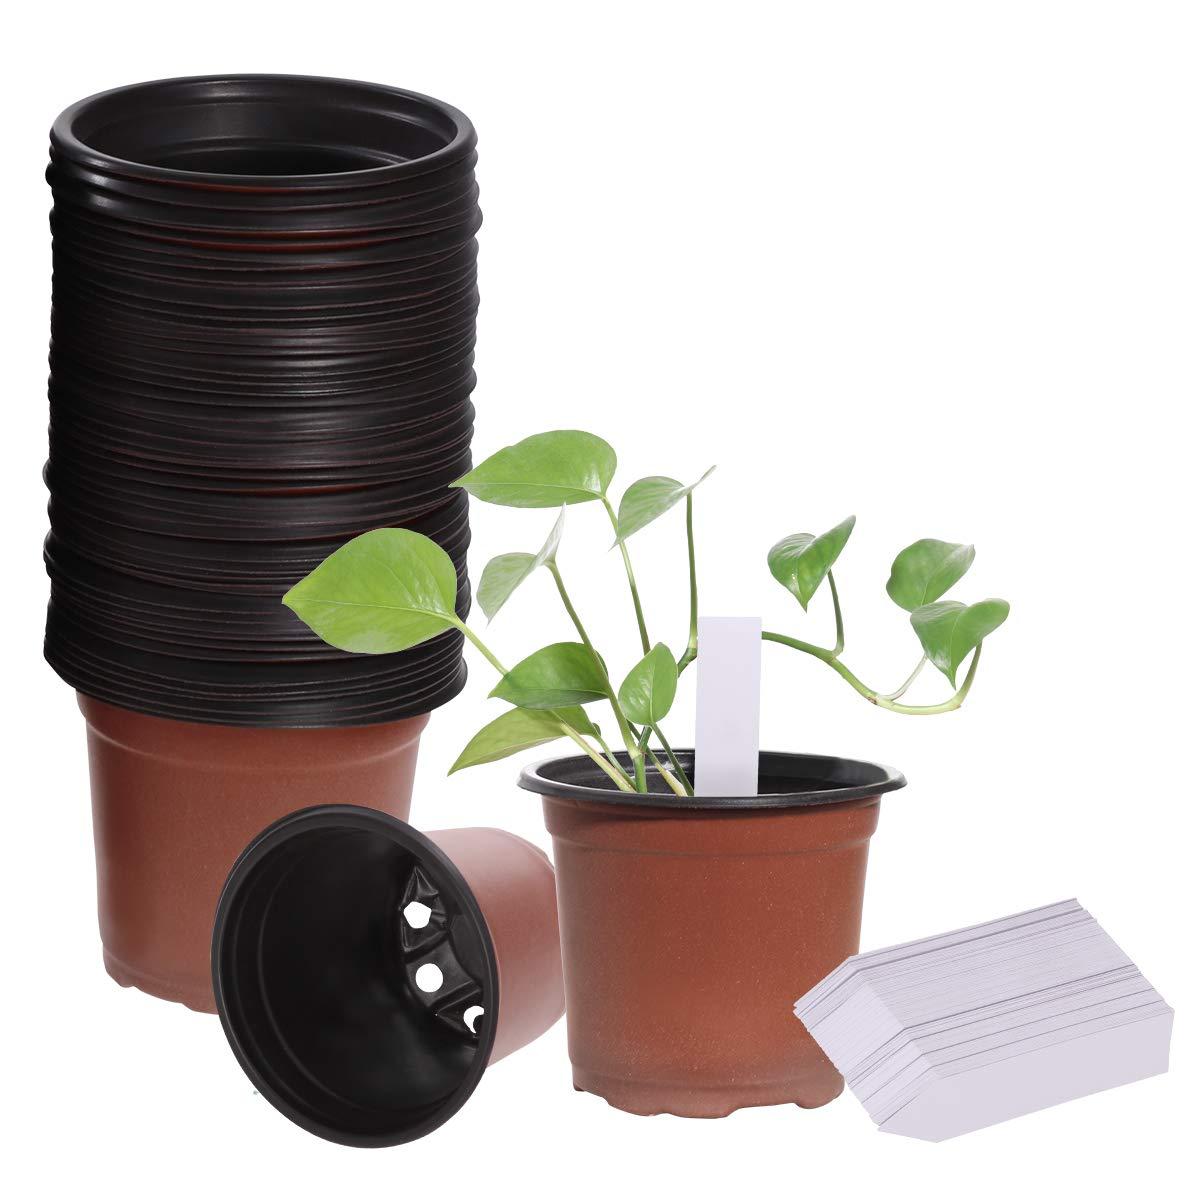 100Pcs Plastic Nursery Pot Flower Plant Container Garden